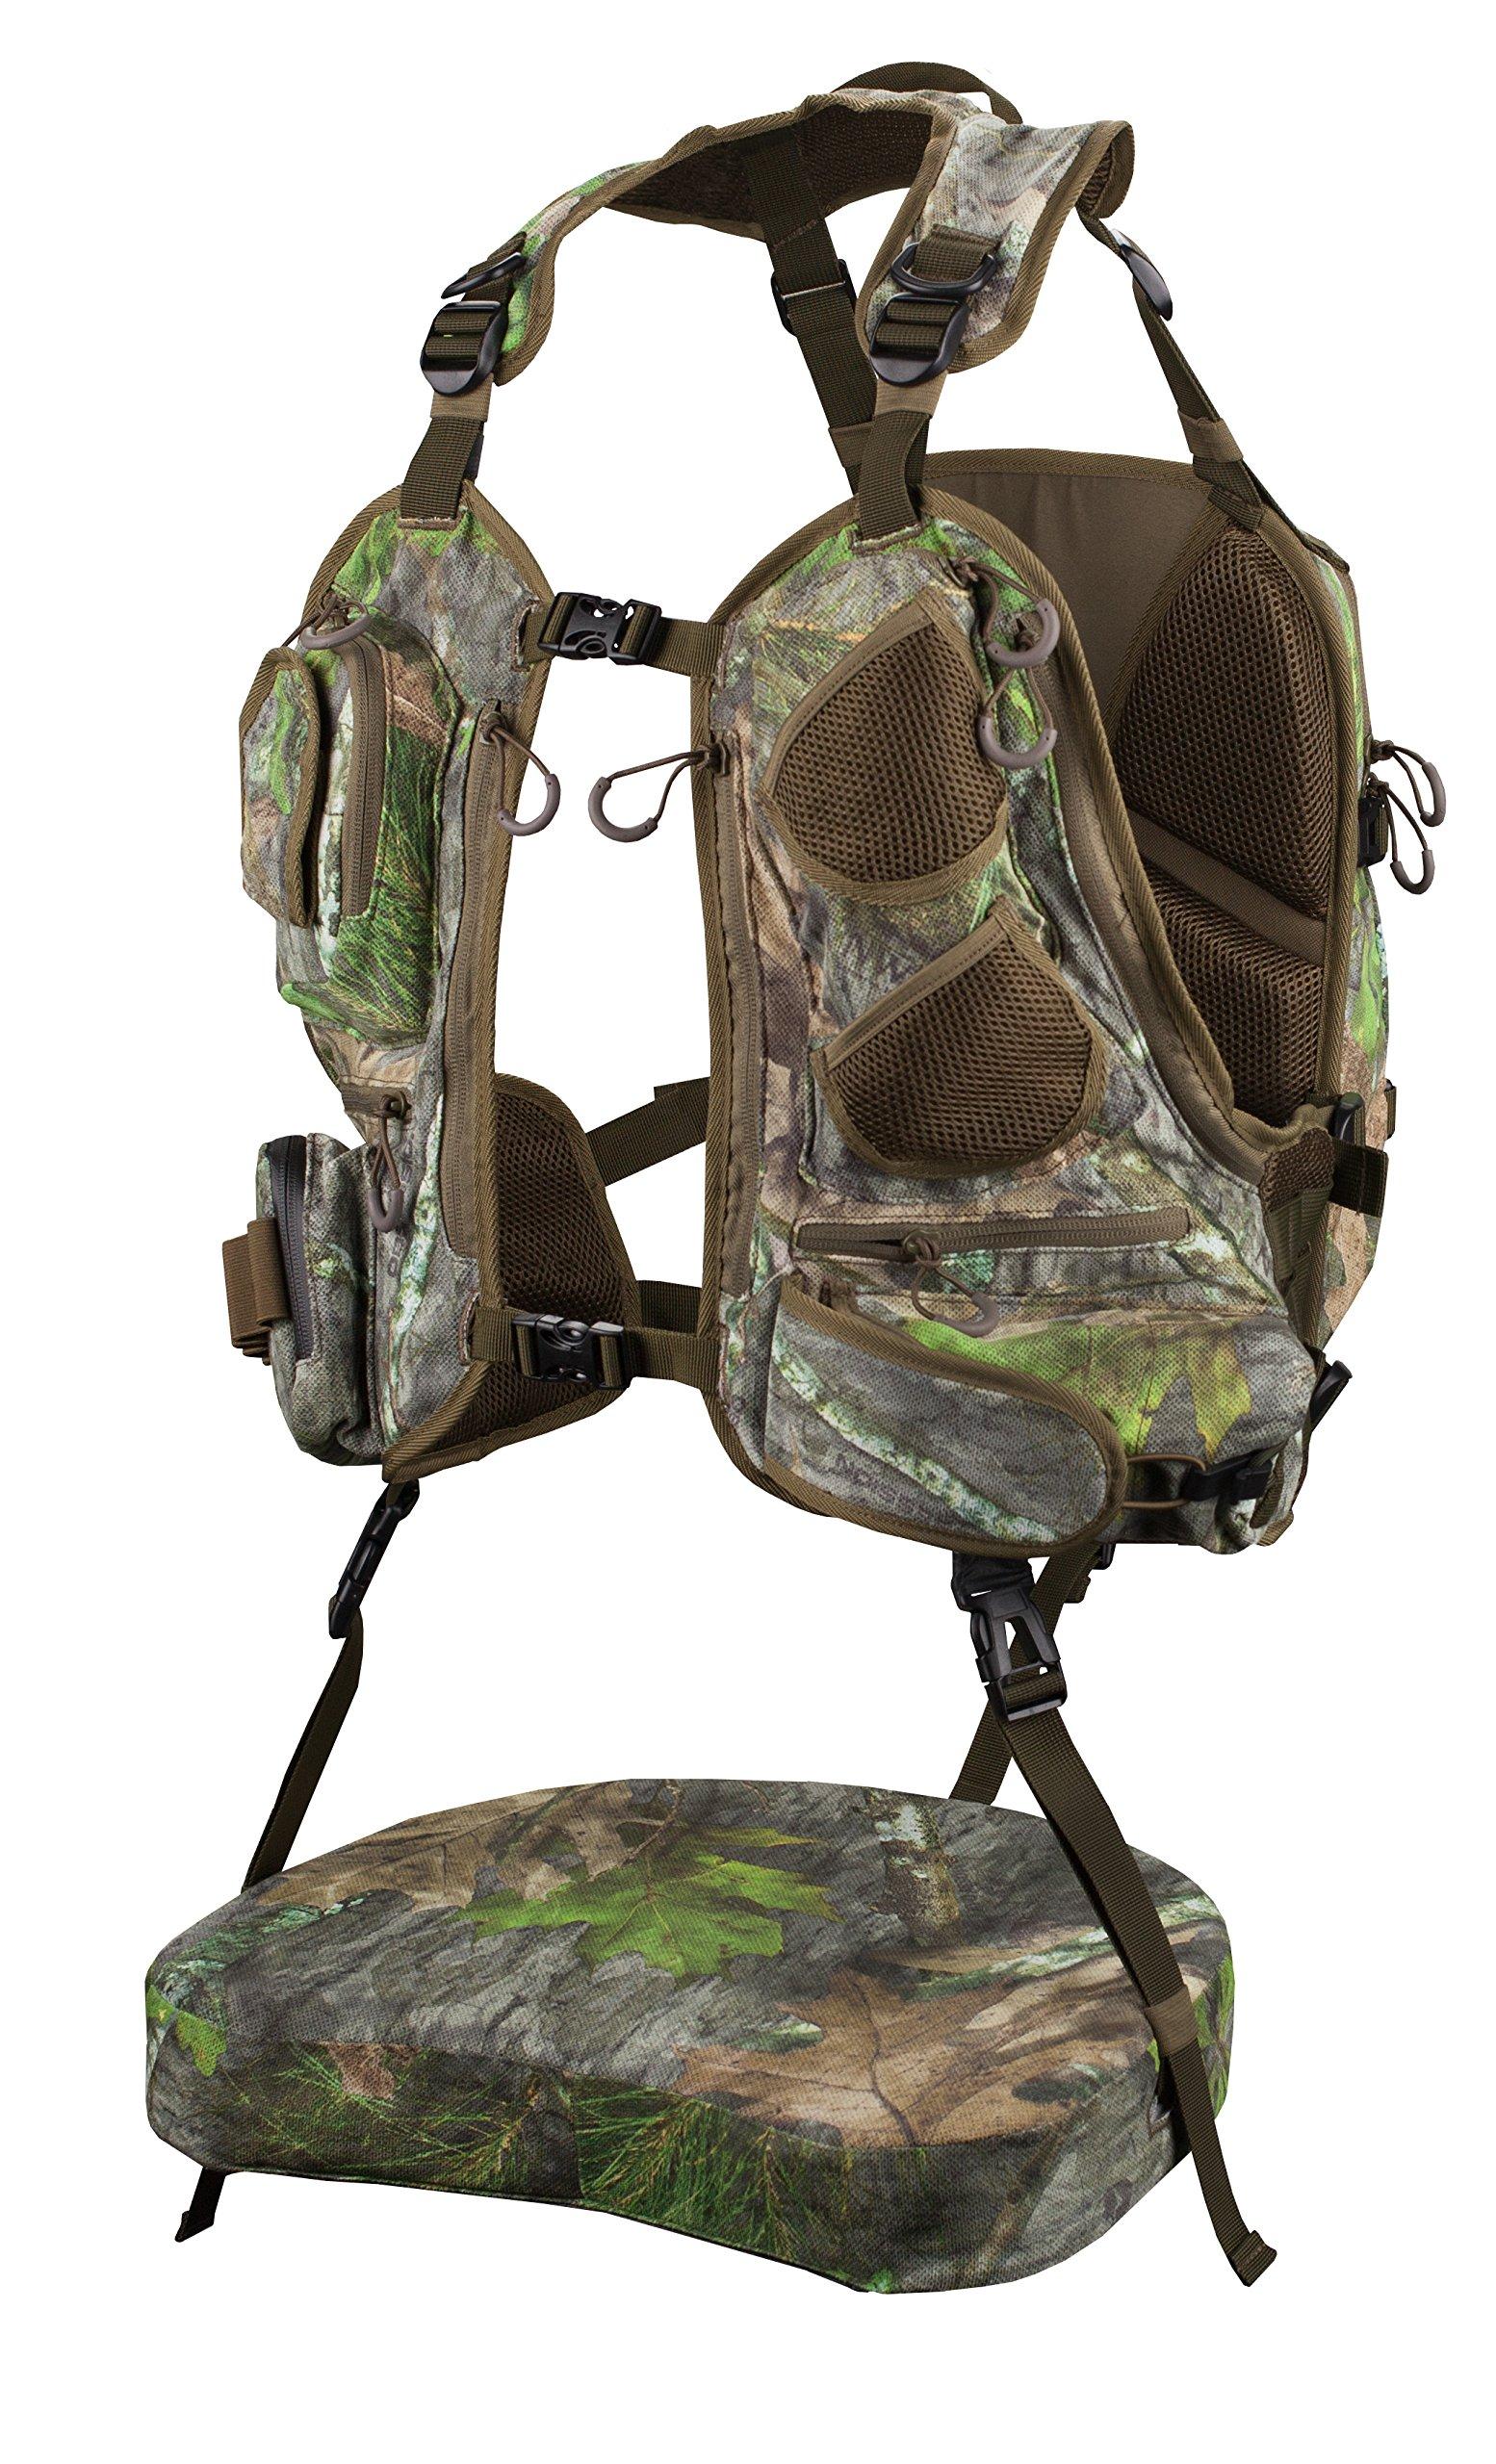 Knight & Hale KHT0068 Run N' Gun 300-Mossy Oak Turkey Vest, Mossy Oak Obsession by Knight & Hale (Image #2)